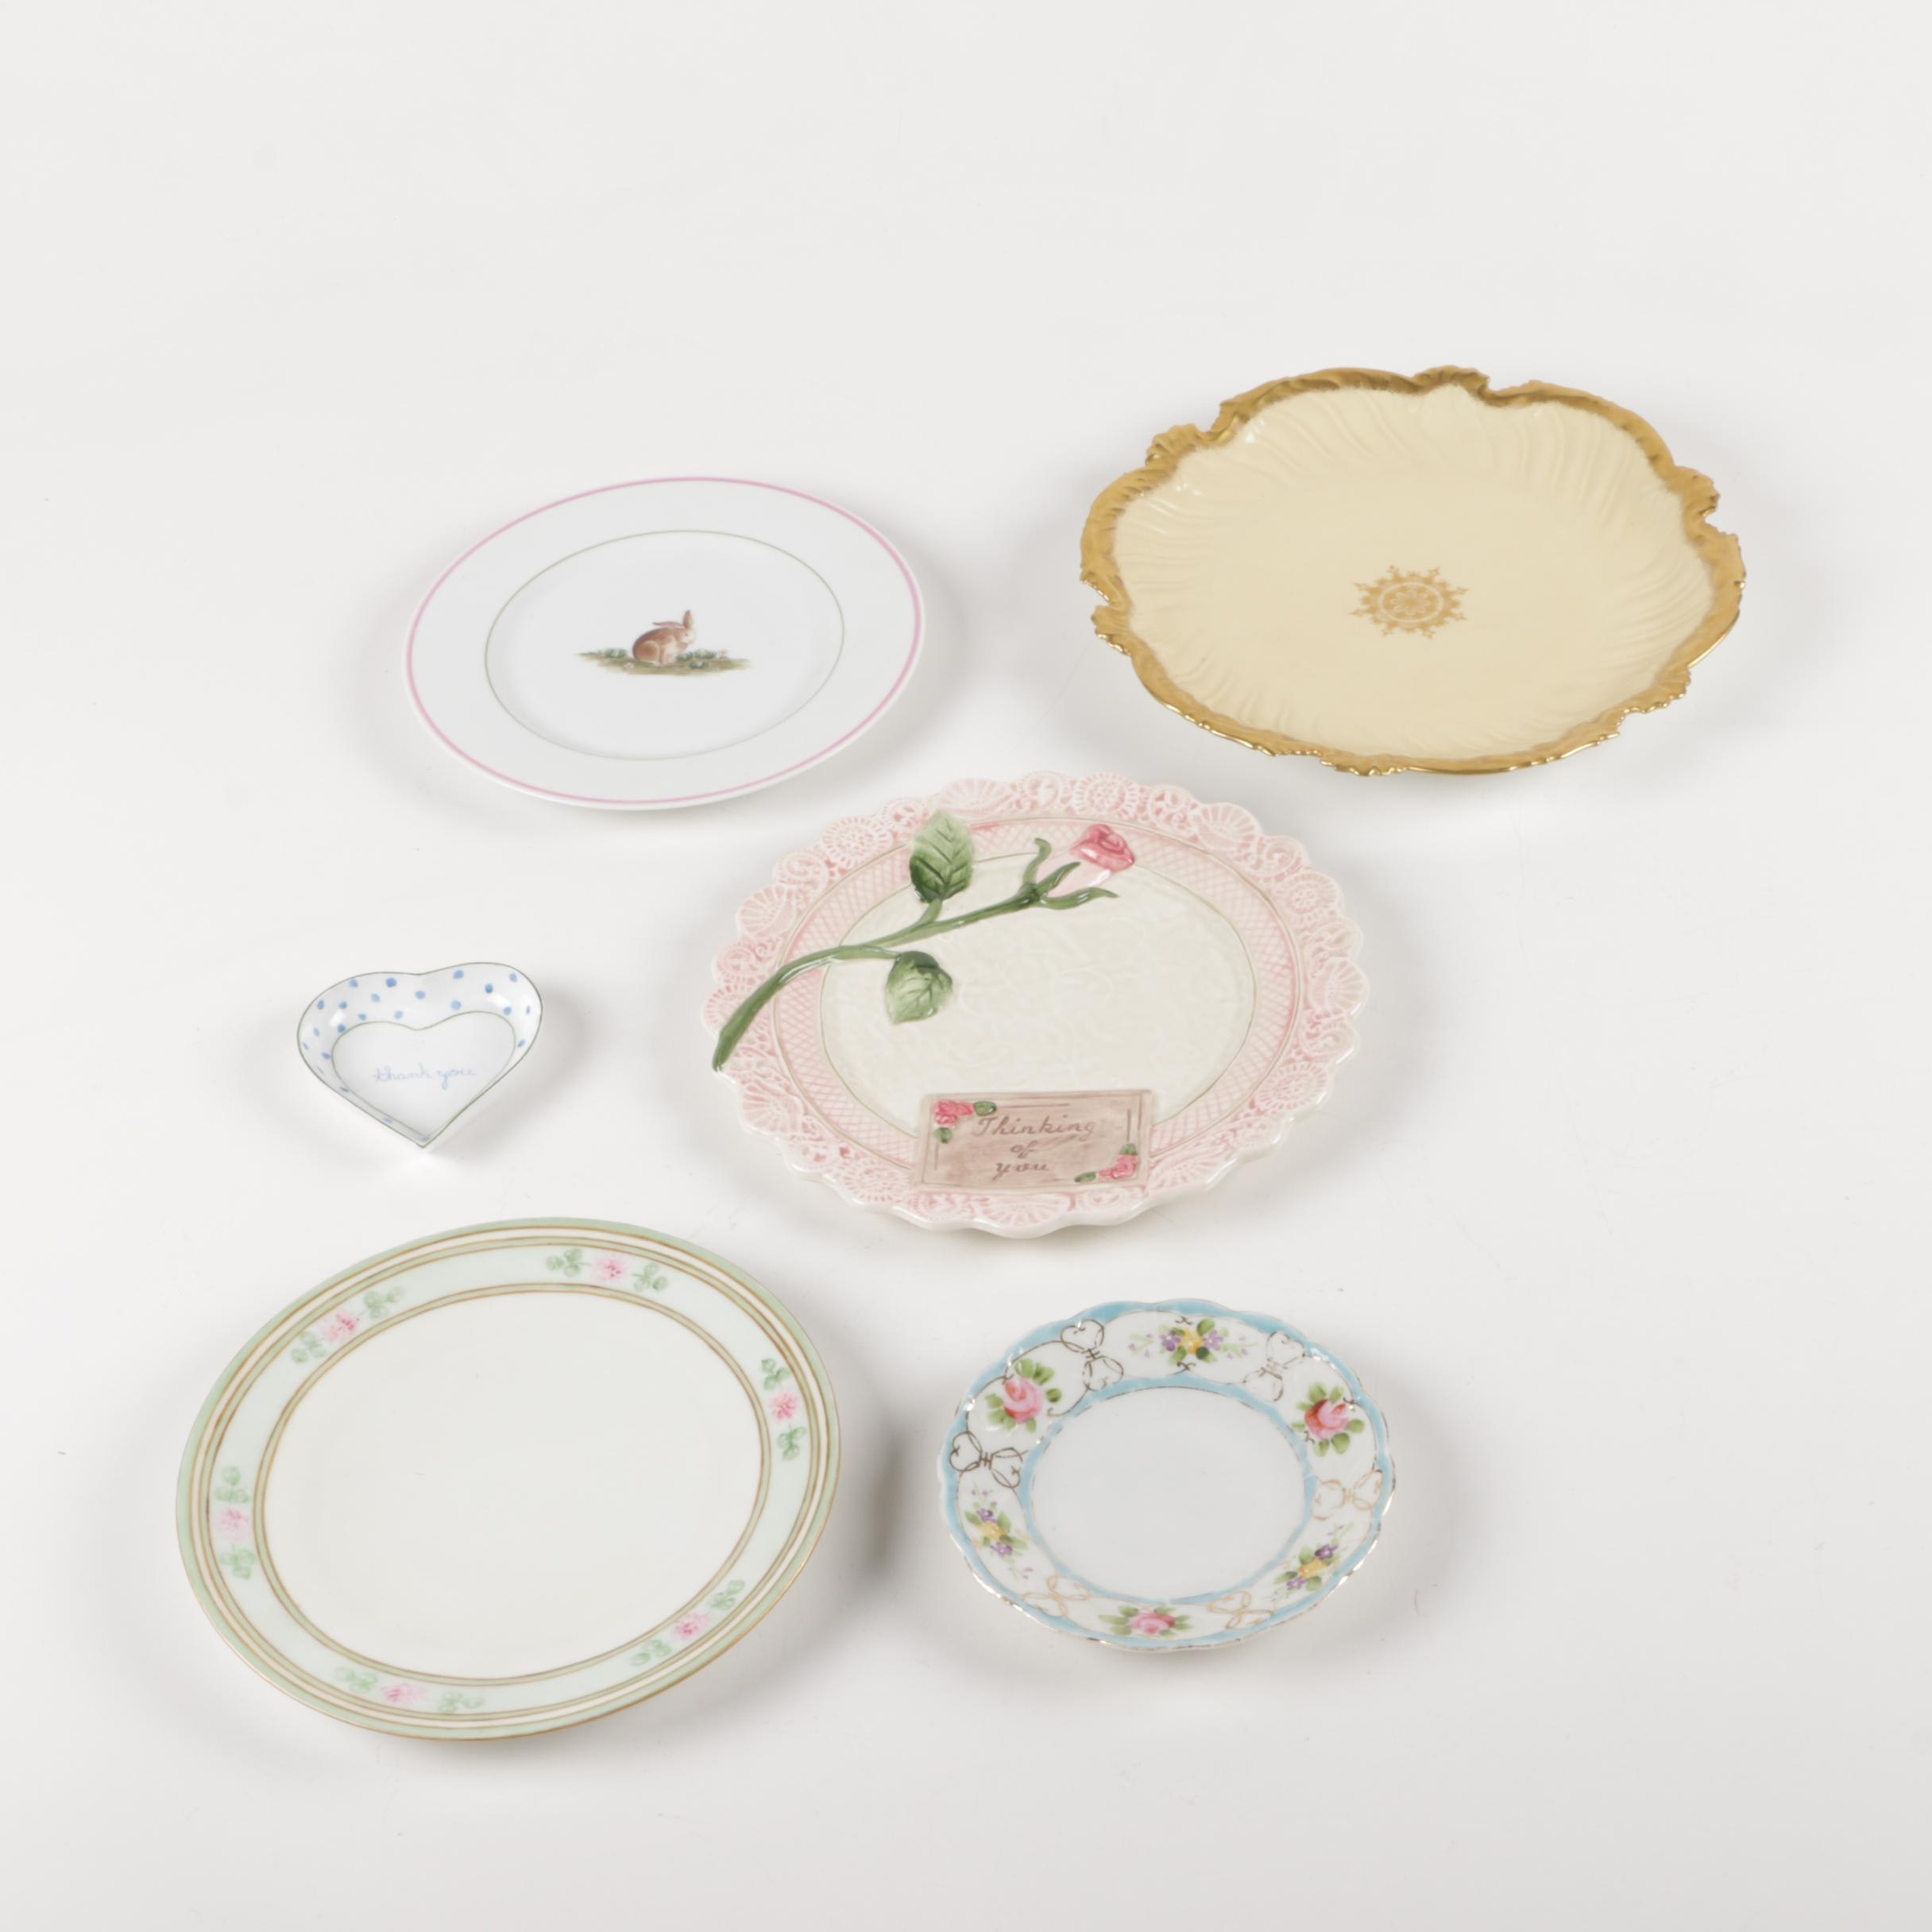 Hand Painted Decorative Porcelain Plates